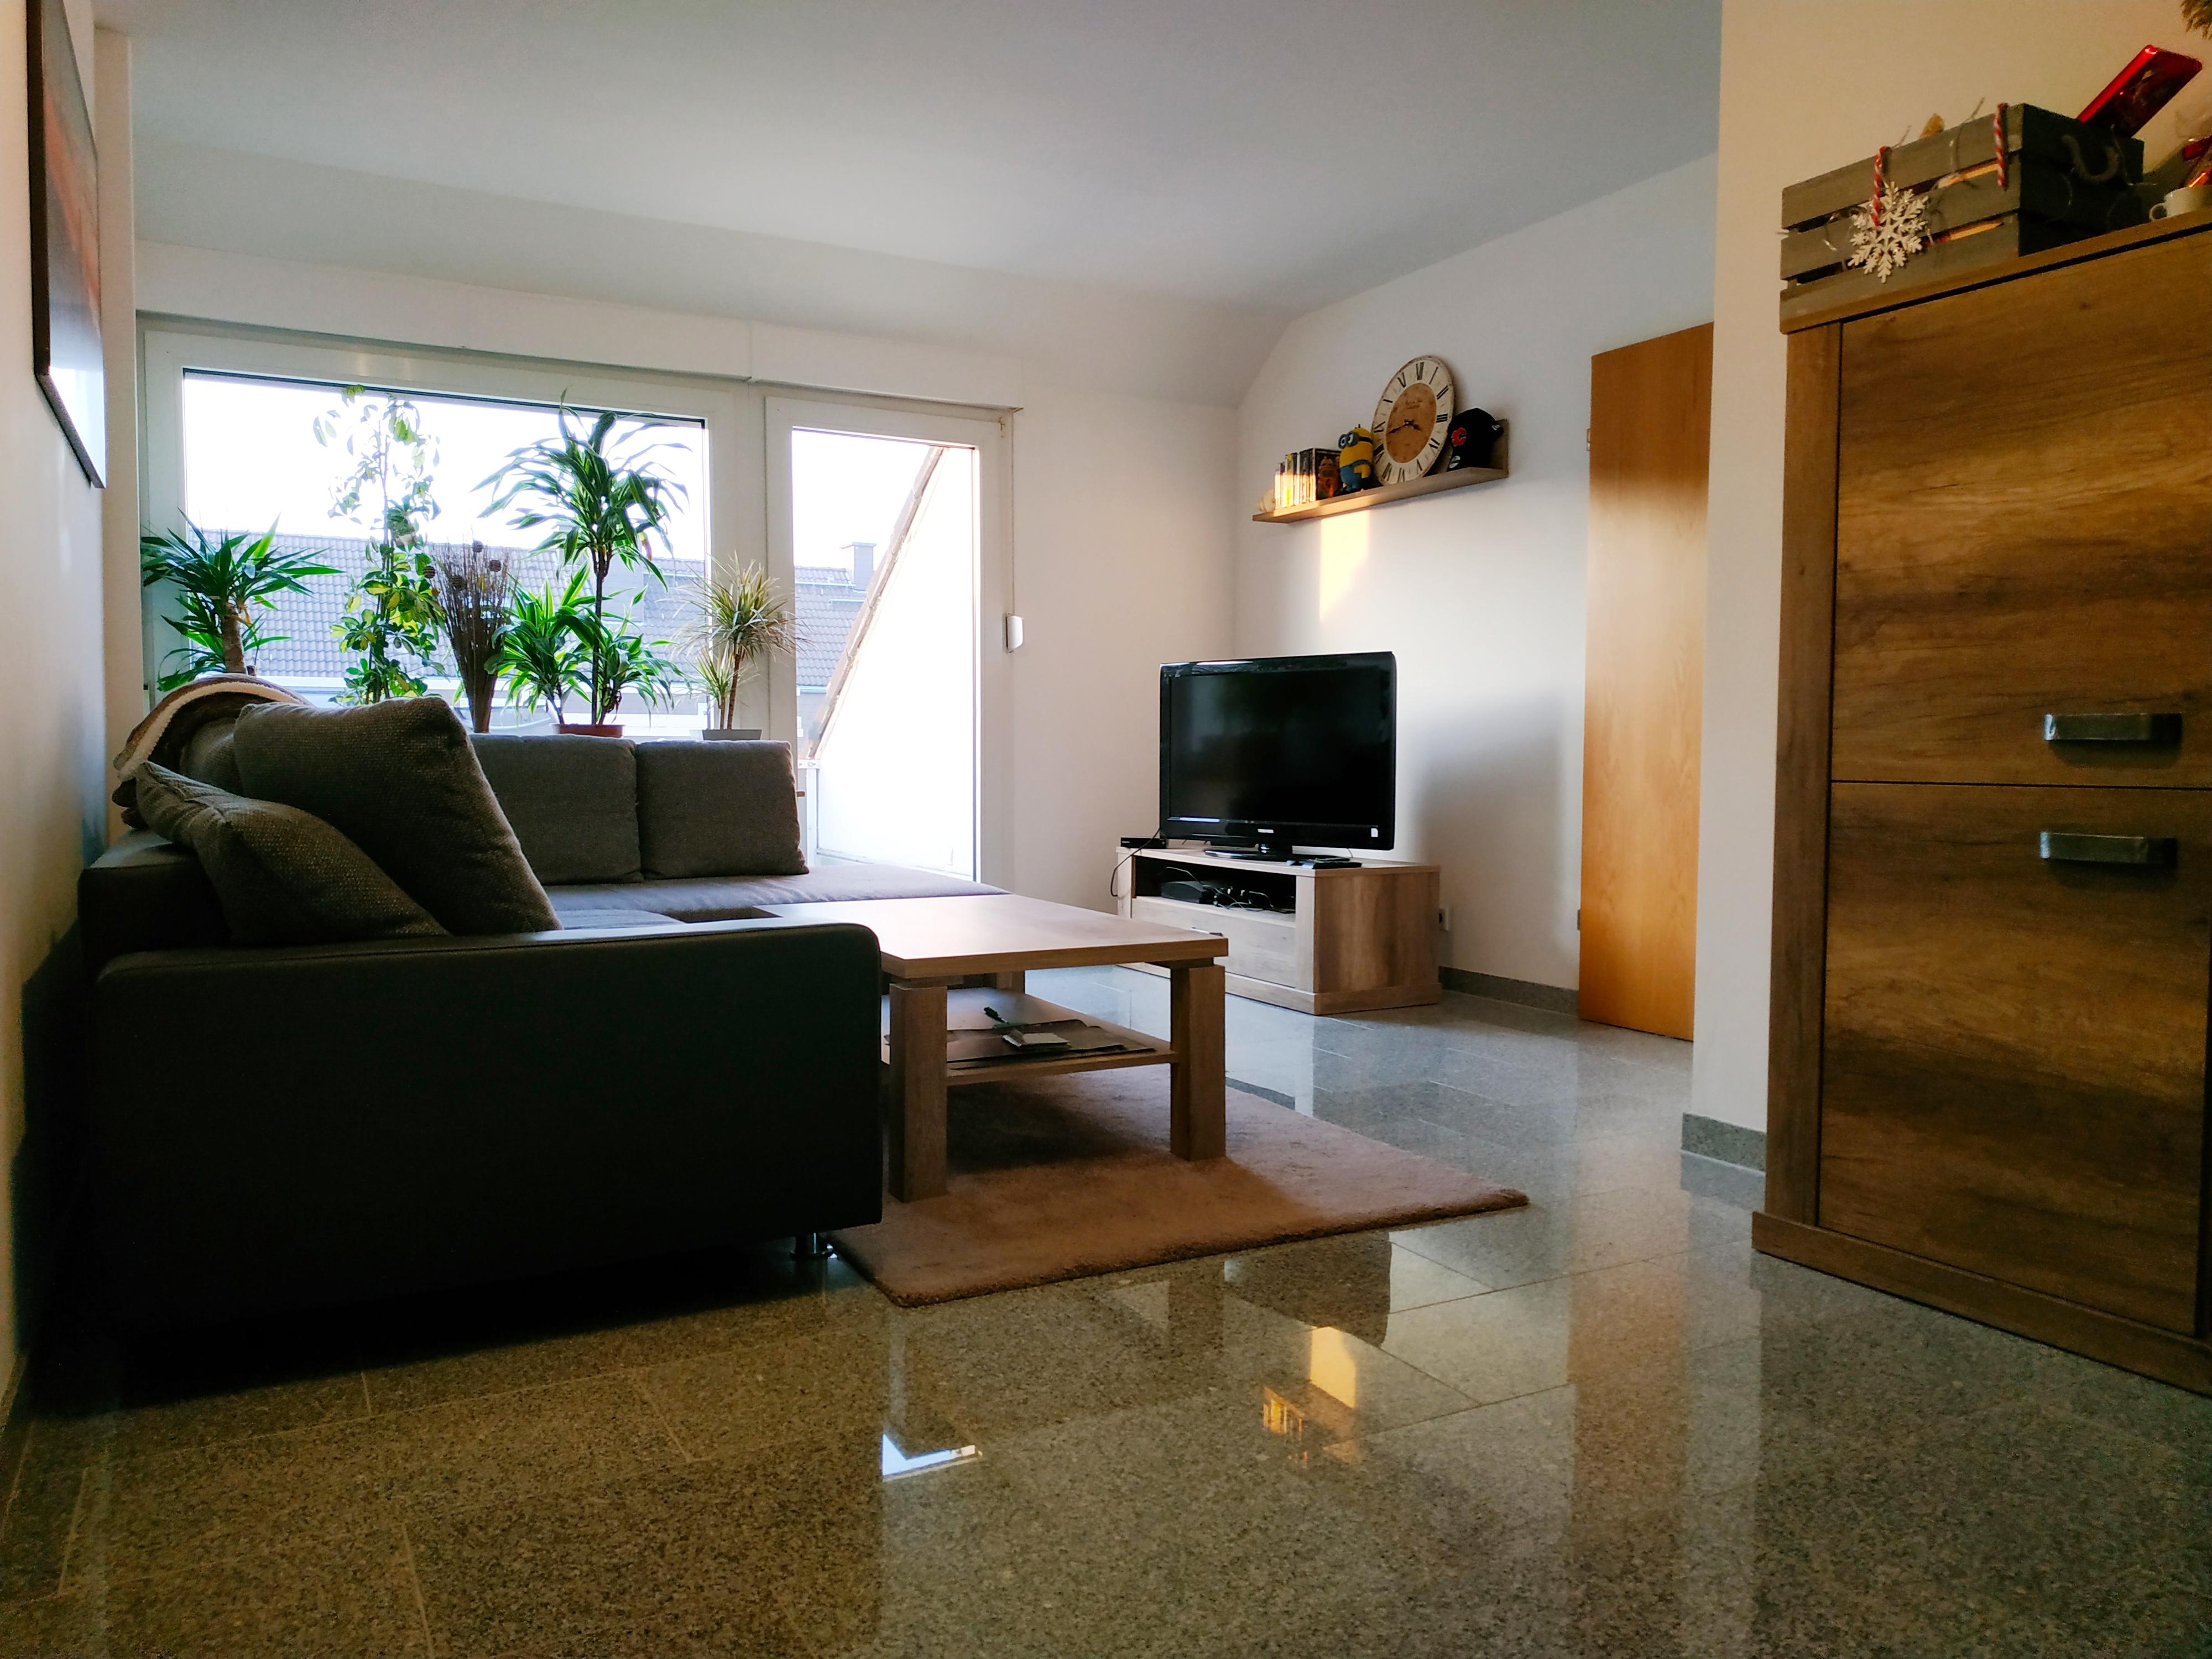 Freundliche 3 Zimmer DG-Wohnung mit Balkon in ruhiger Lage